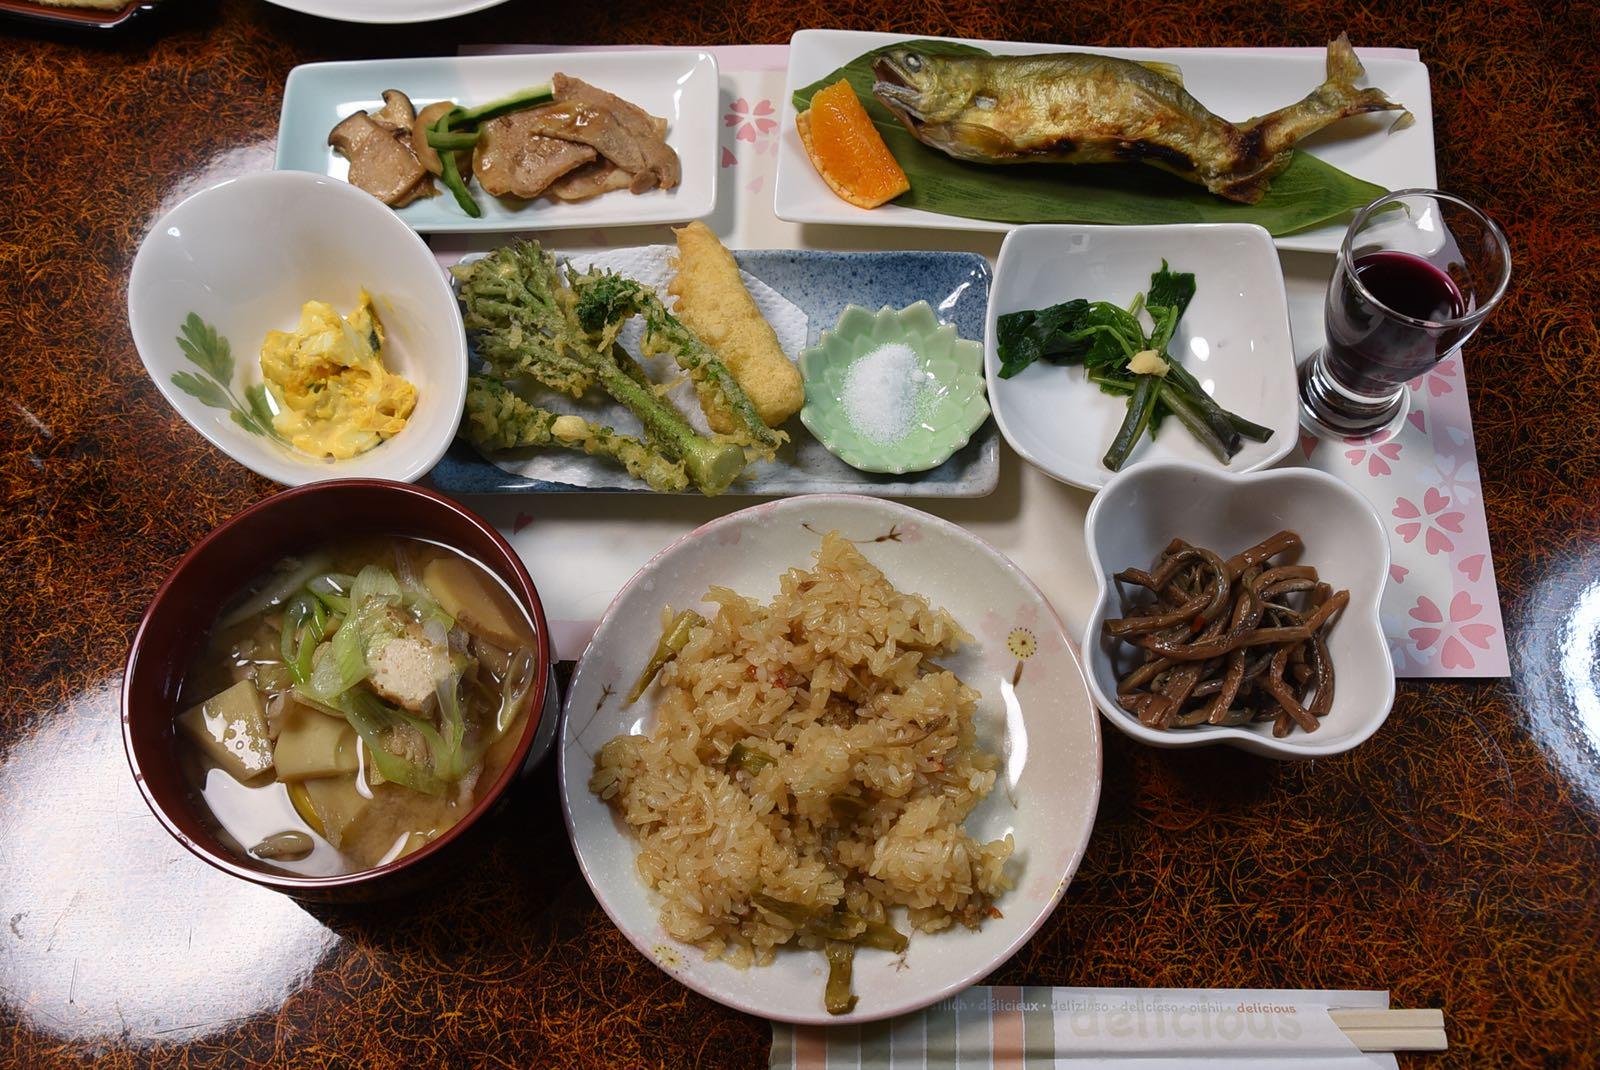 〈幸福就是旅行〉孖陶傑赴山形縣民宿食野菜-項明生